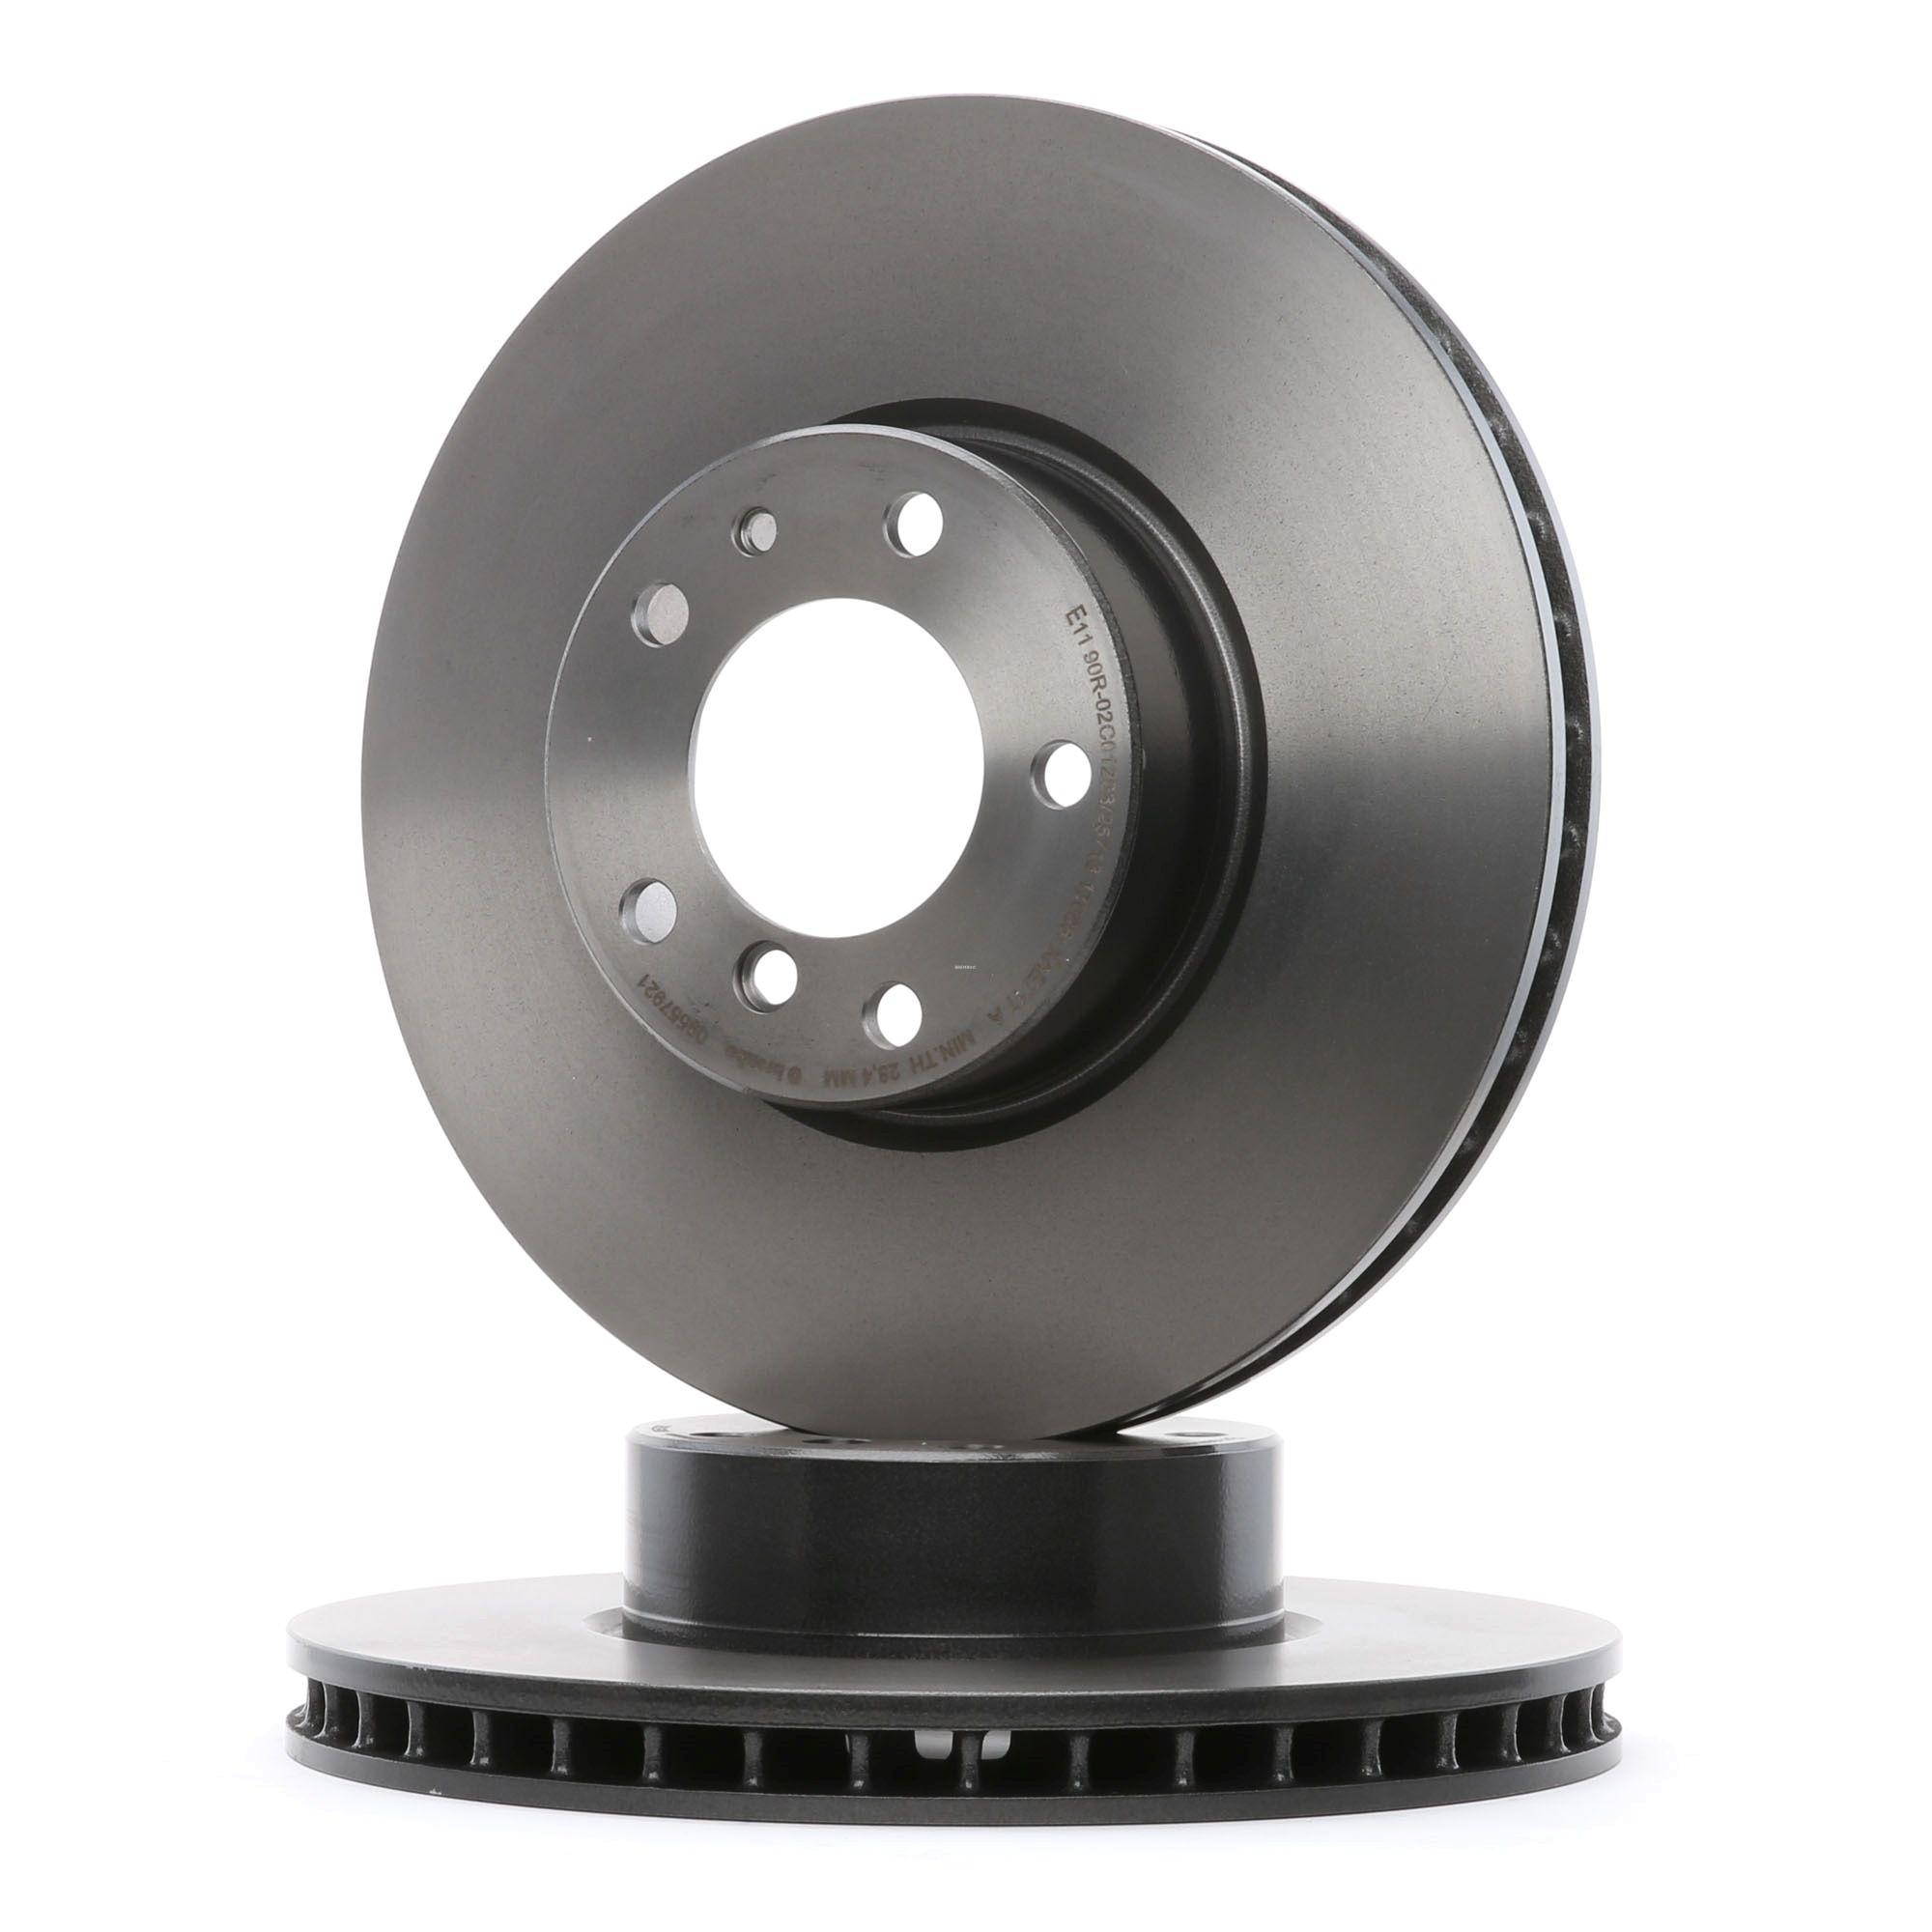 09.5579.21 BREMBO COATED DISC LINE Innenbelüftet, beschichtet, hochgekohlt, mit Schrauben Ø: 324mm, Lochanzahl: 5, Bremsscheibendicke: 30mm Bremsscheibe 09.5579.21 günstig kaufen